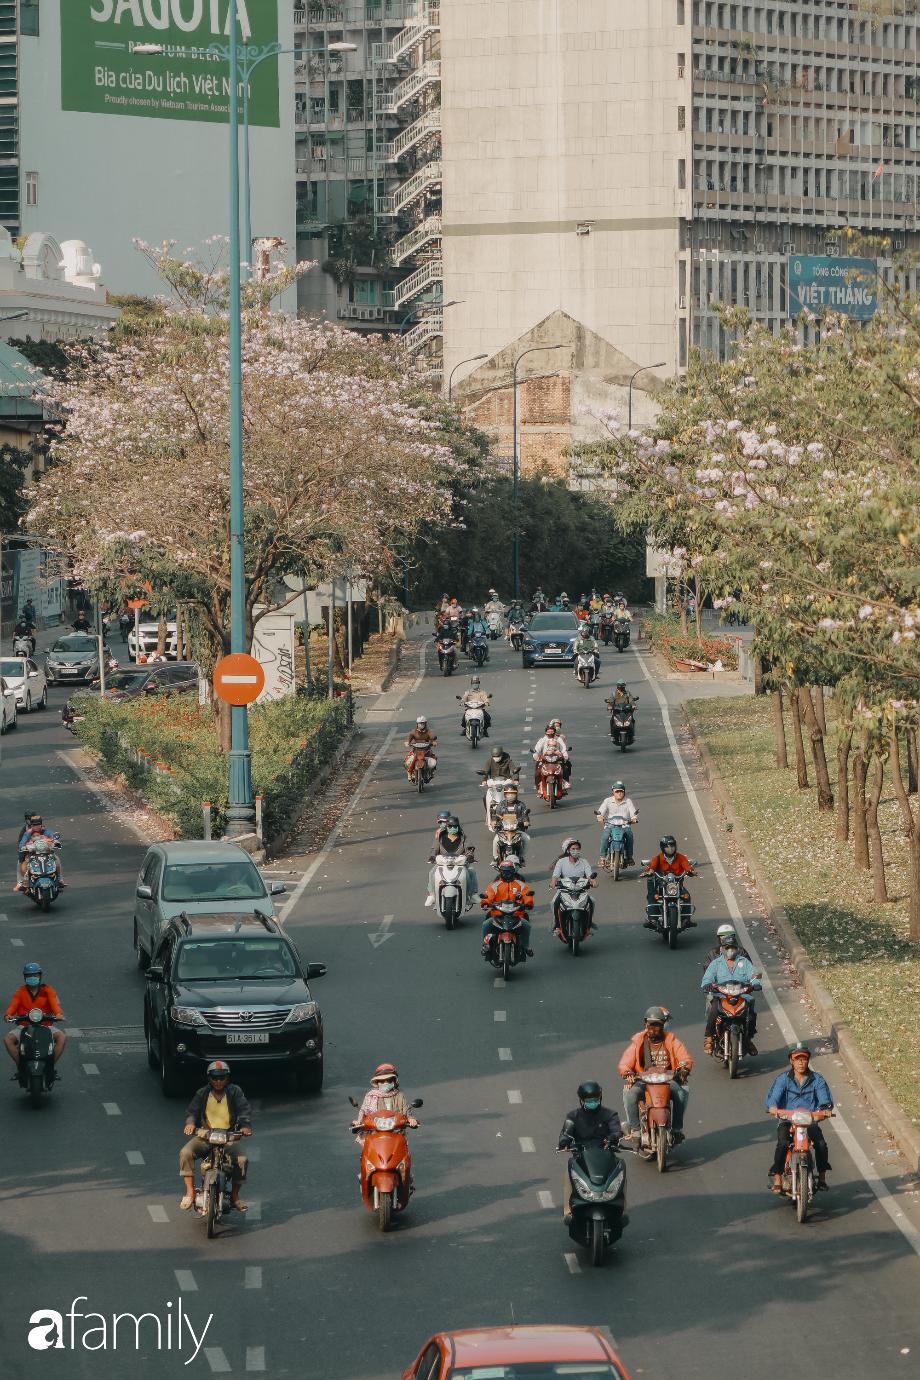 Chùm ảnh: Sài Gòn trở nên khác lạ khi hoa Kèn hồng vào mùa nở rộ, nhưng lạ thay đến hơn một nửa người Sài Gòn chẳng biết đến sự tồn tại của loài hoa này? - Ảnh 4.